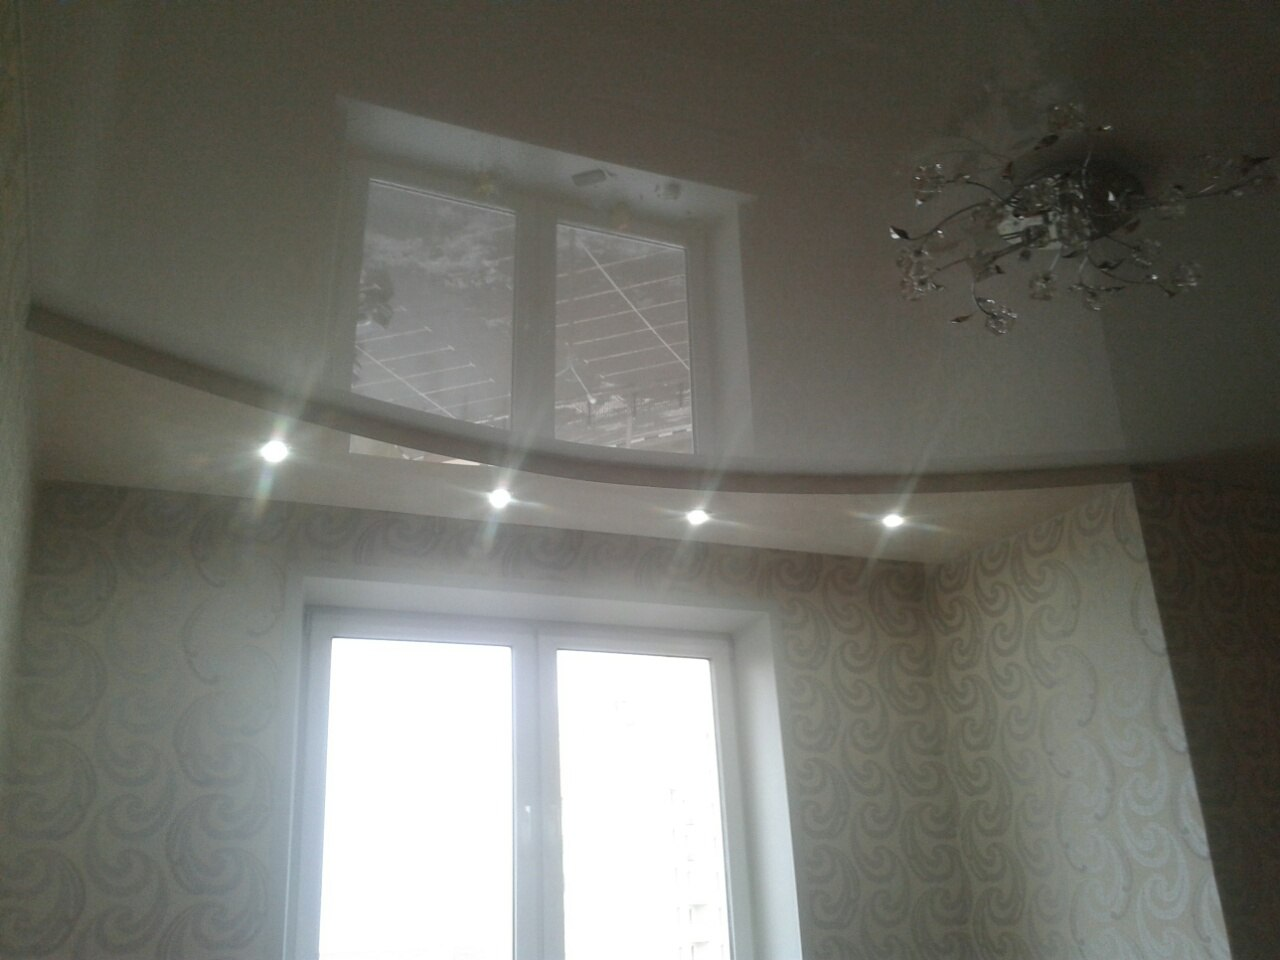 Двухуровневый глянцевый натяжной потолок с нишей под потолочный карниз